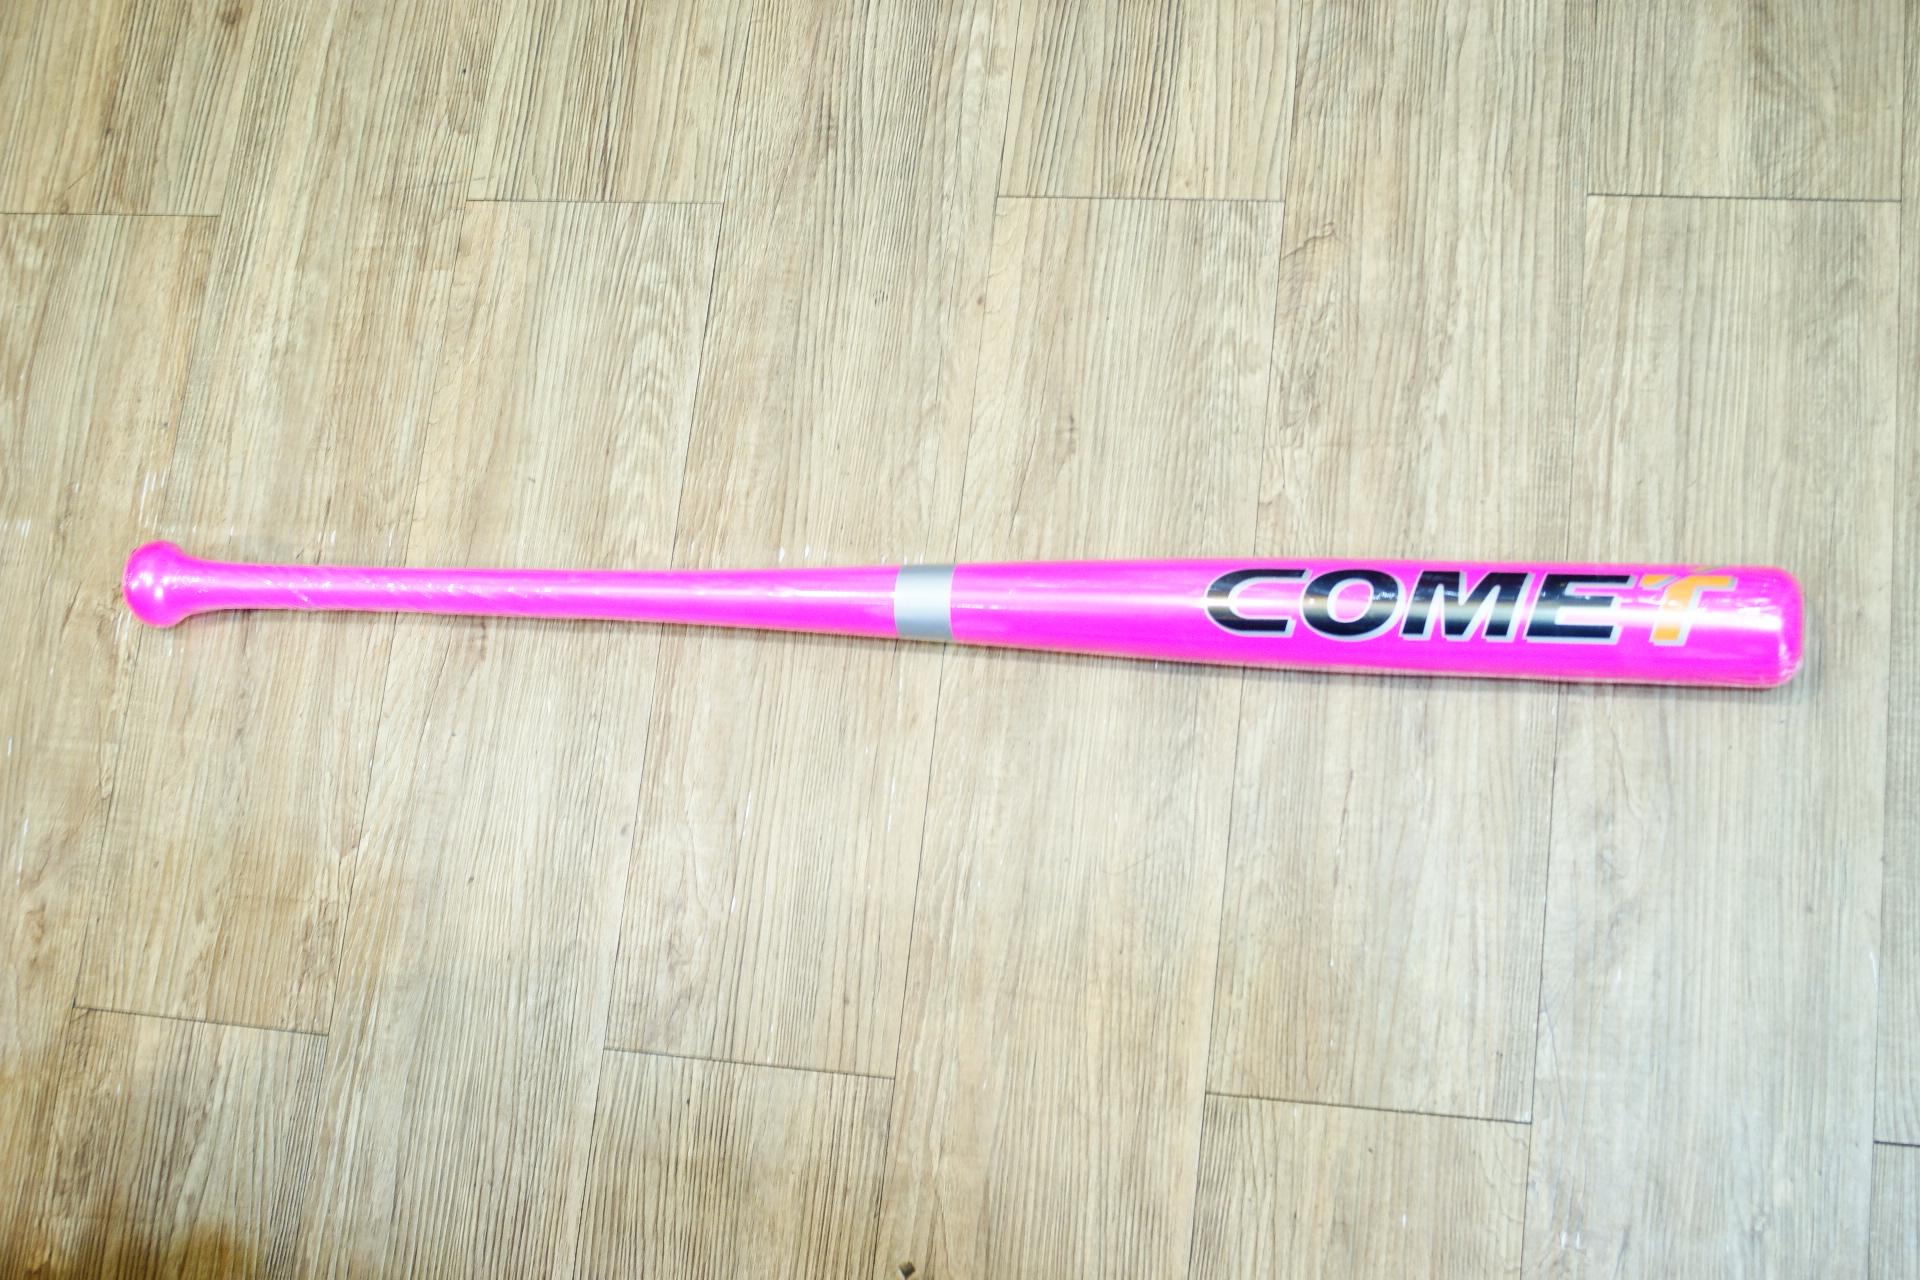 棒球世界 全新COMET黃樺木壘球棒 耐打 不易斷 特價2000/支 母親節限定版